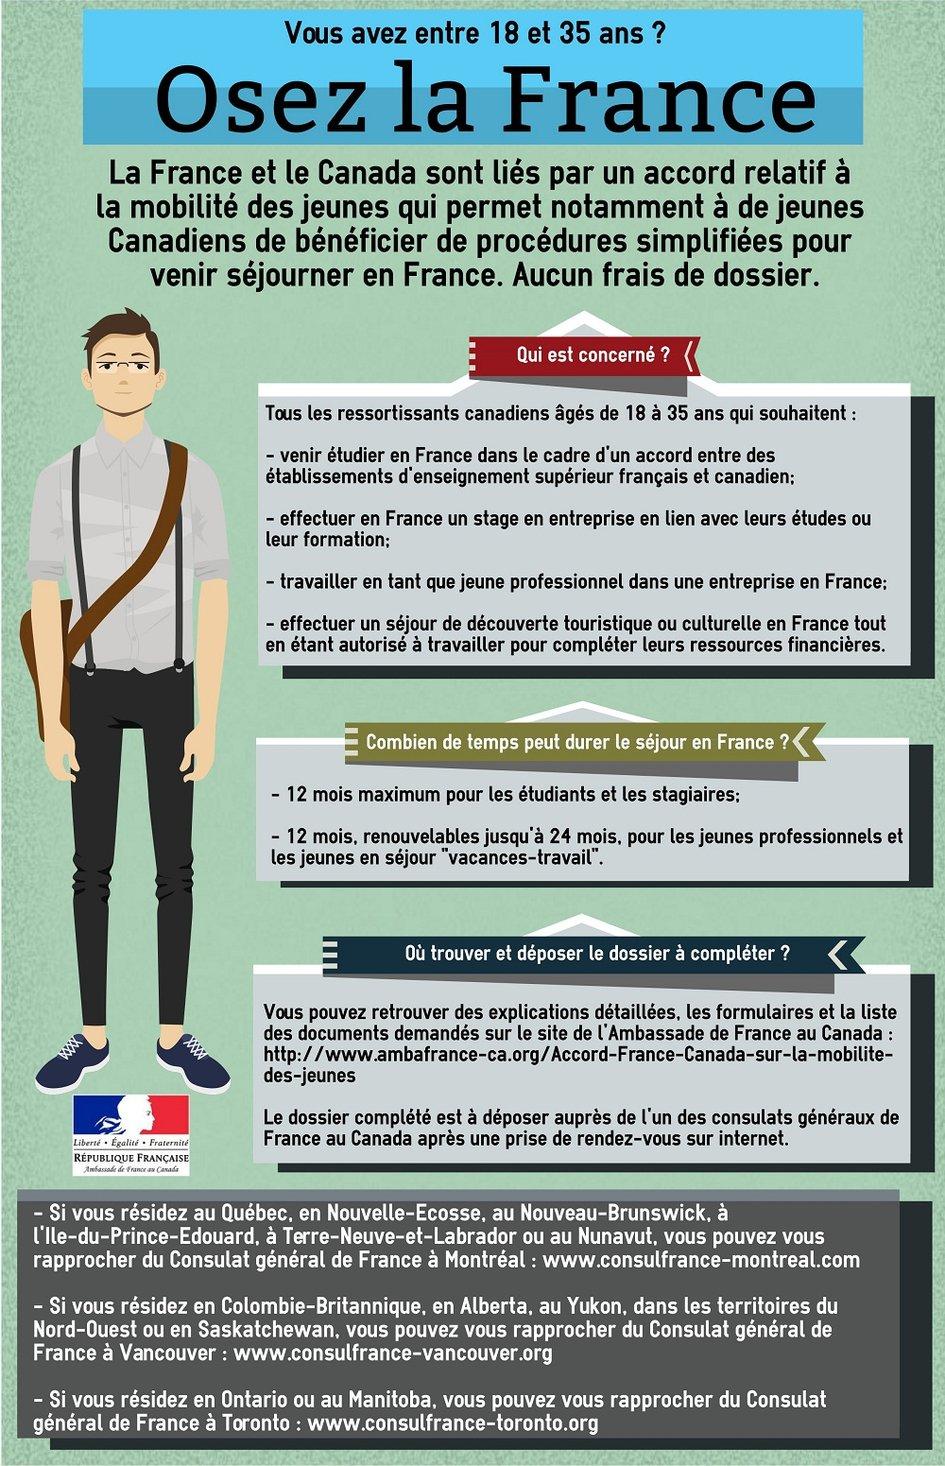 Osez La France Mobilite Des Jeunes Consulat General De France A